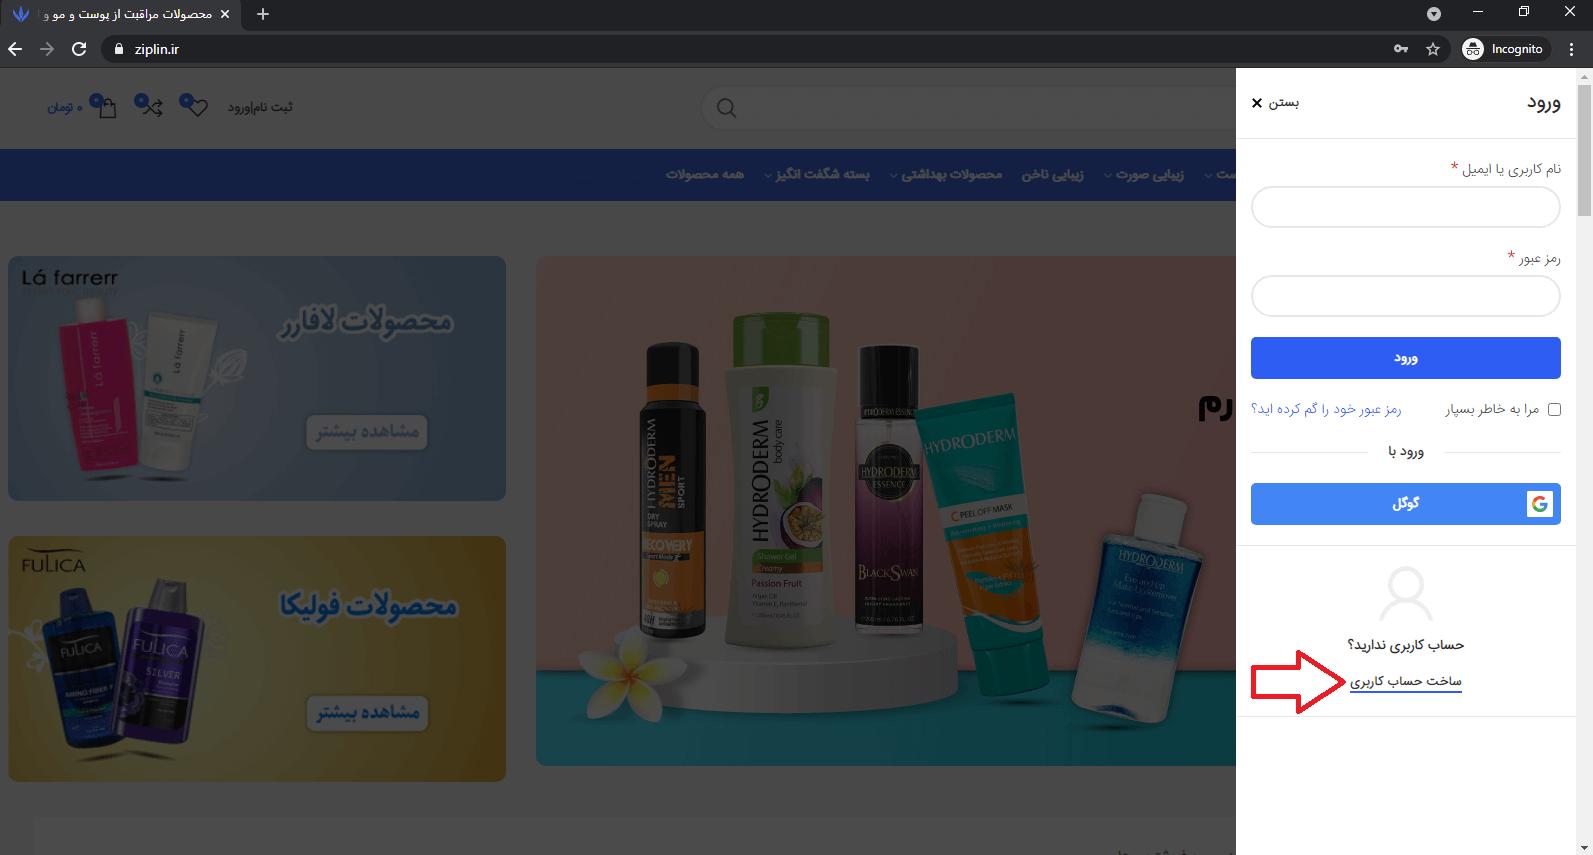 ساخت حساب کاربری در فروشگاه زیپلین